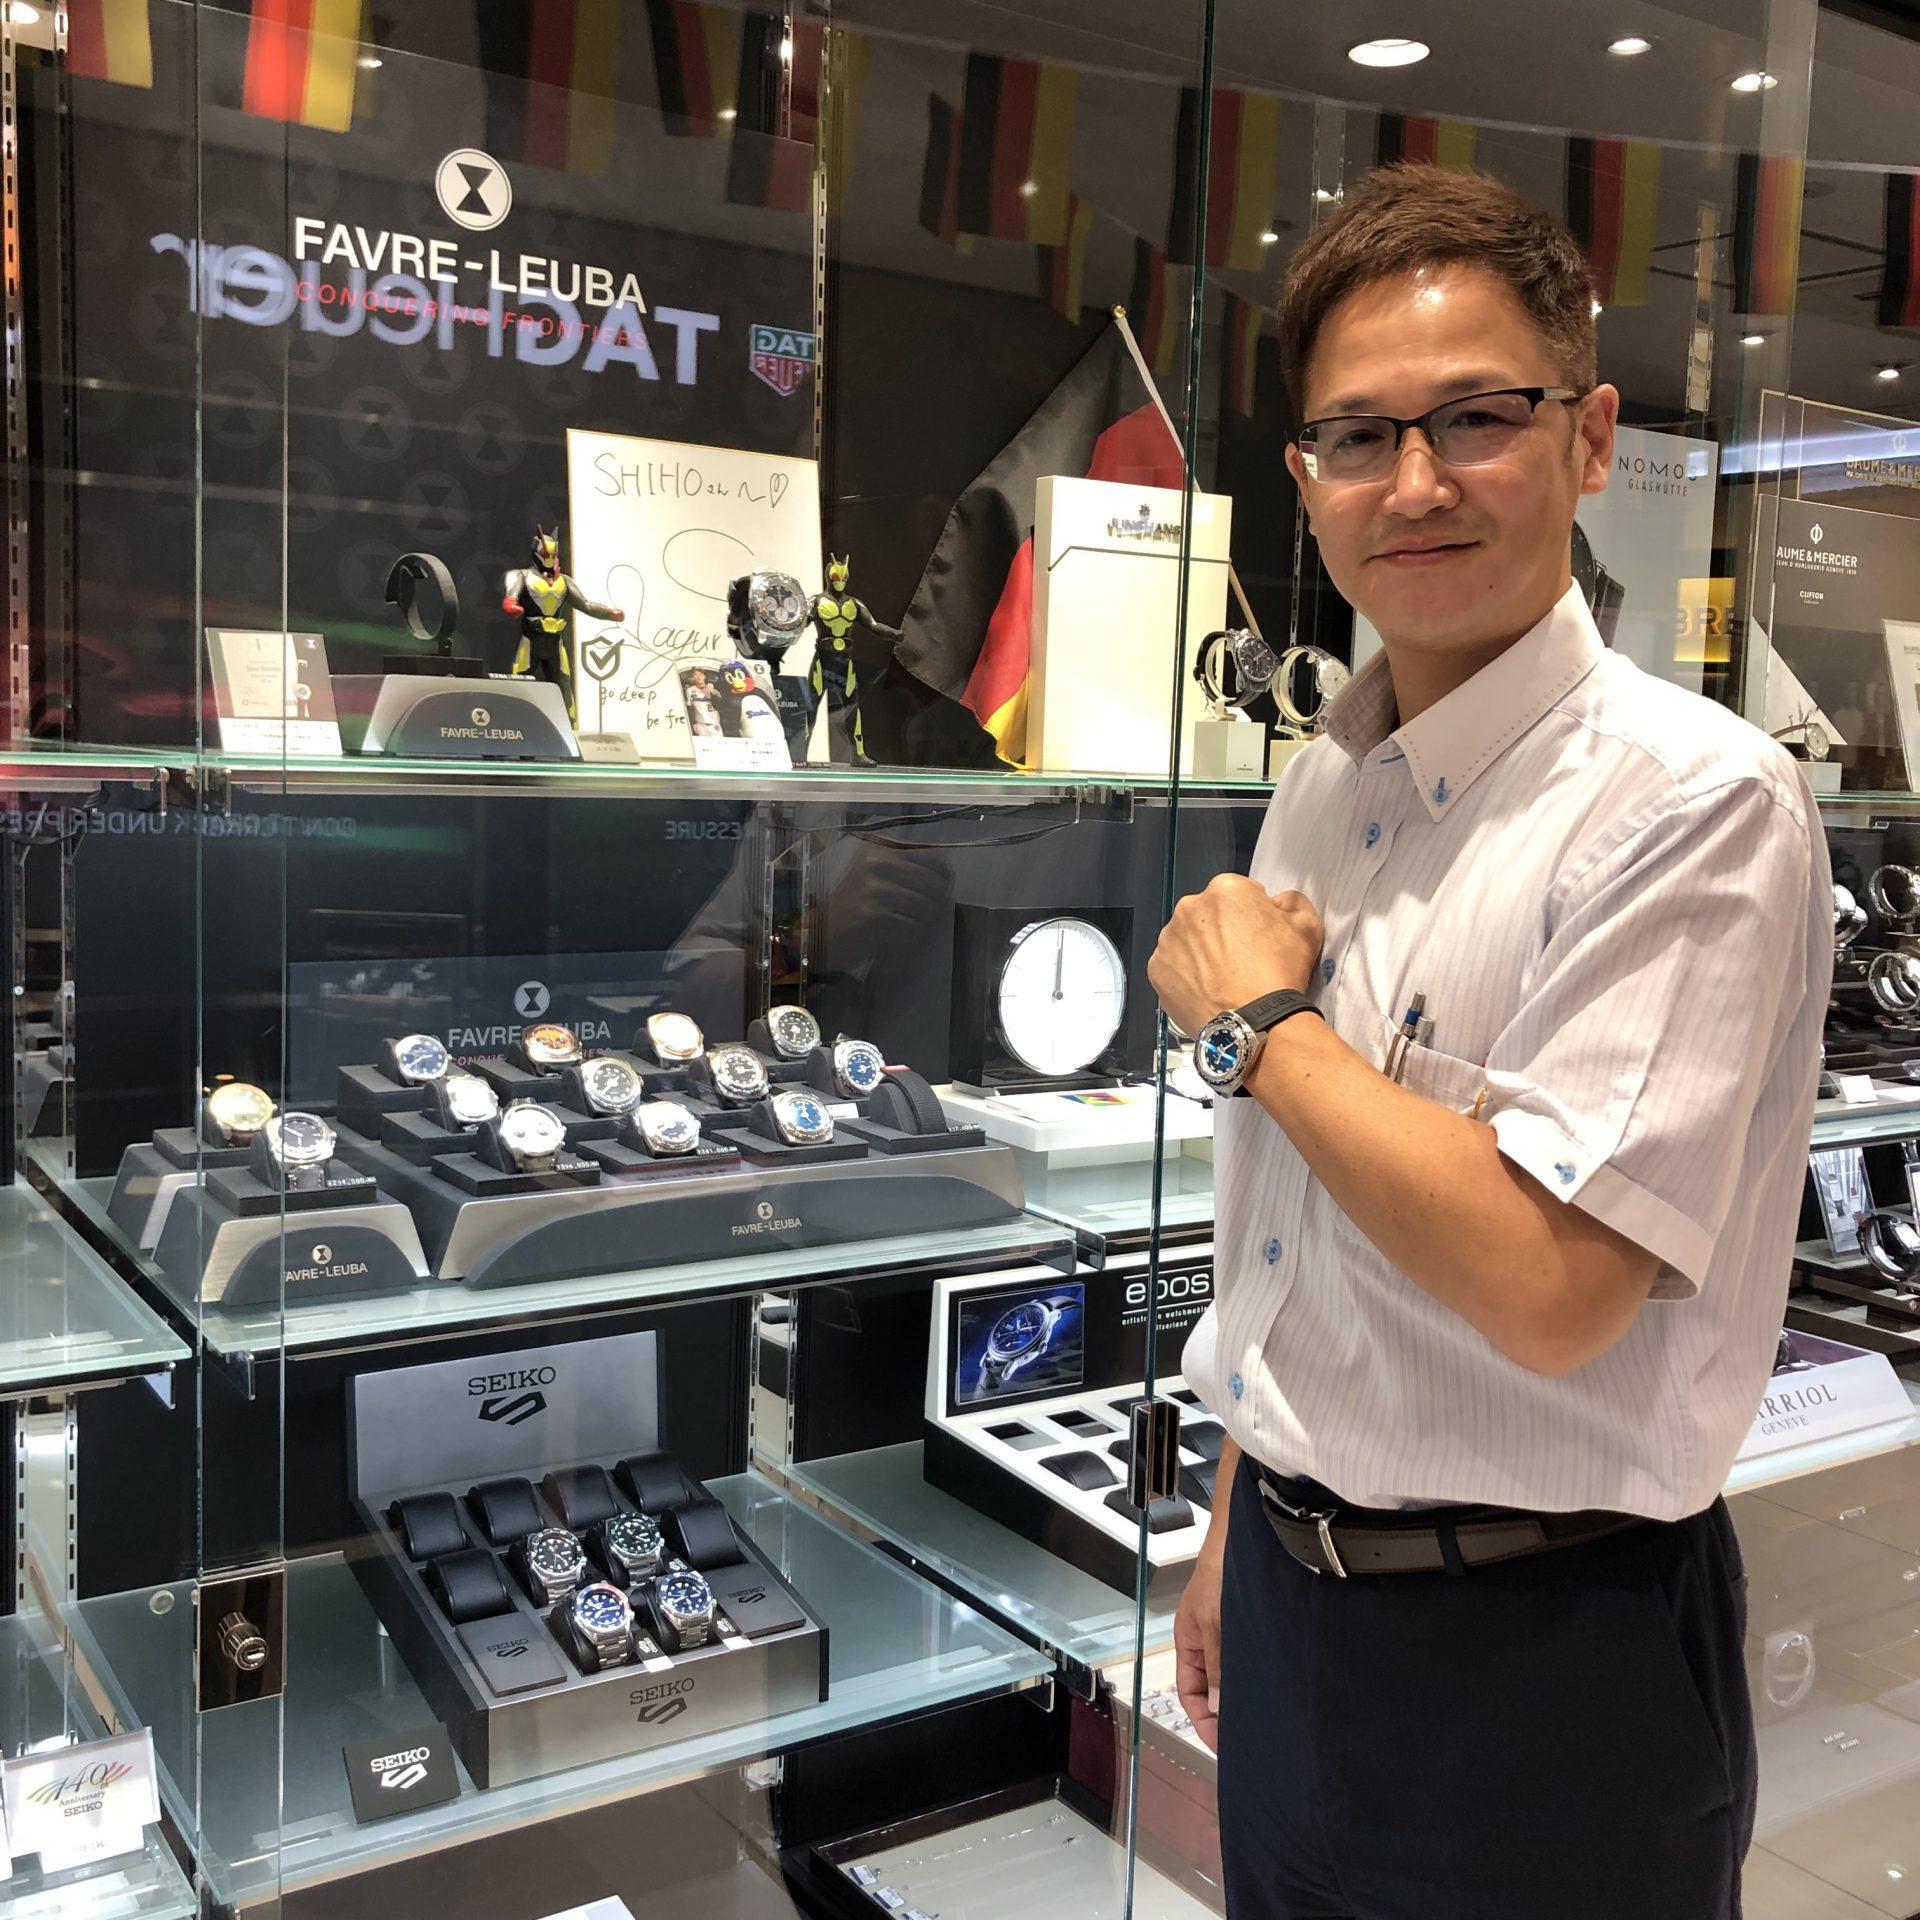 ファーブルルーバのお時計をお買い上げ頂きまして、有難うございます!-画像1